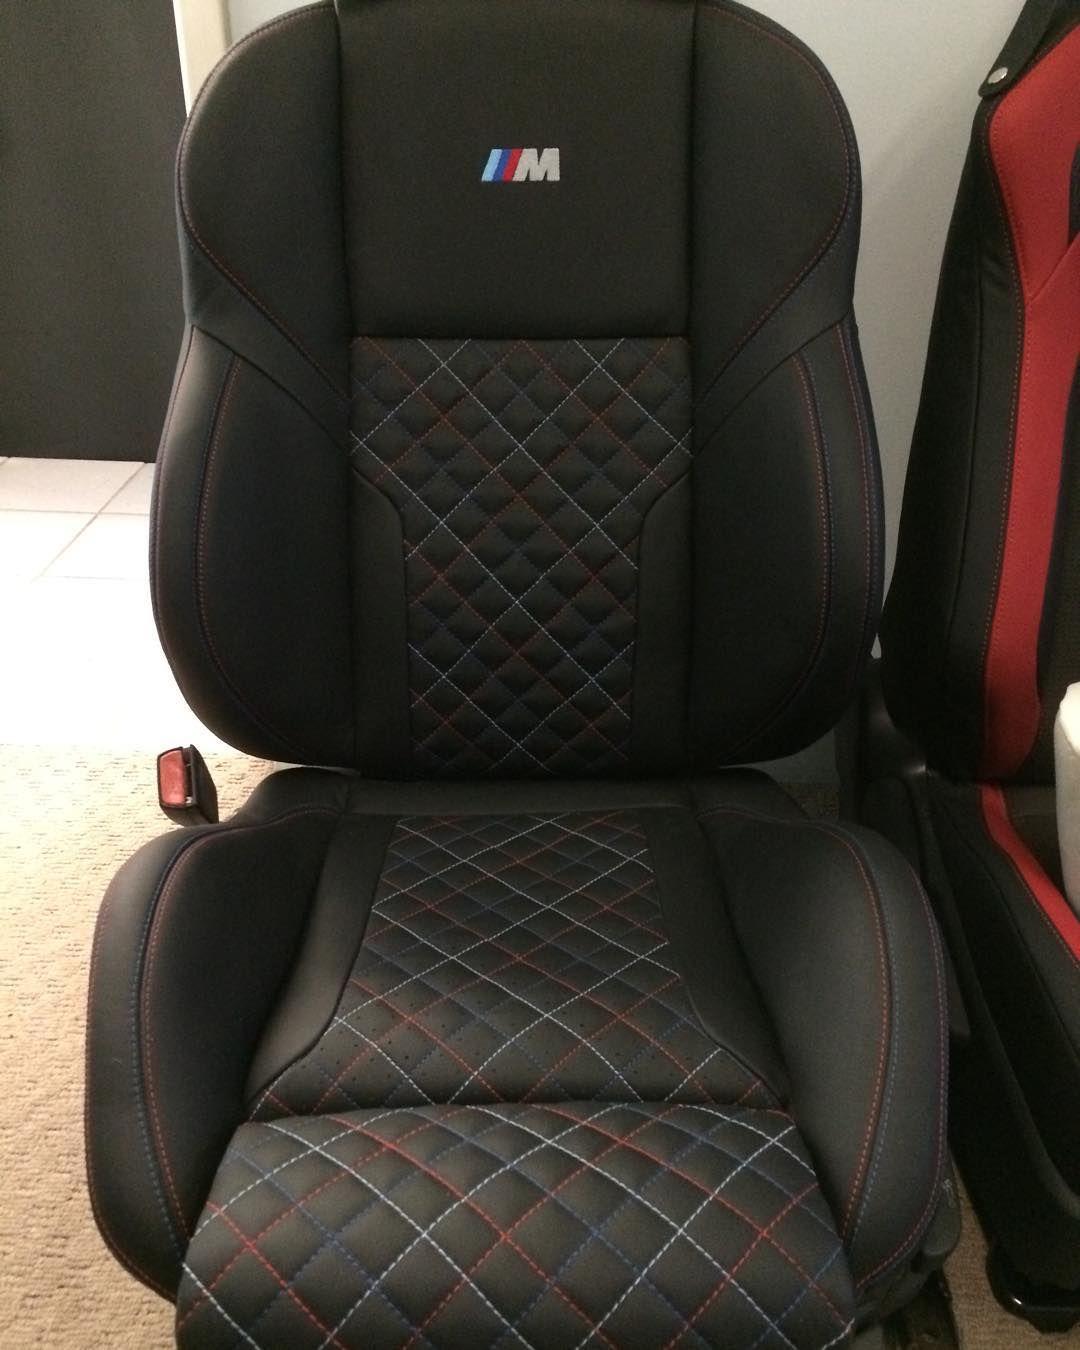 Bmw M3 E36 Black And Red And Blue Grey Interior Diamond Stitch Bmw E36 Custom Car Seats Bmw